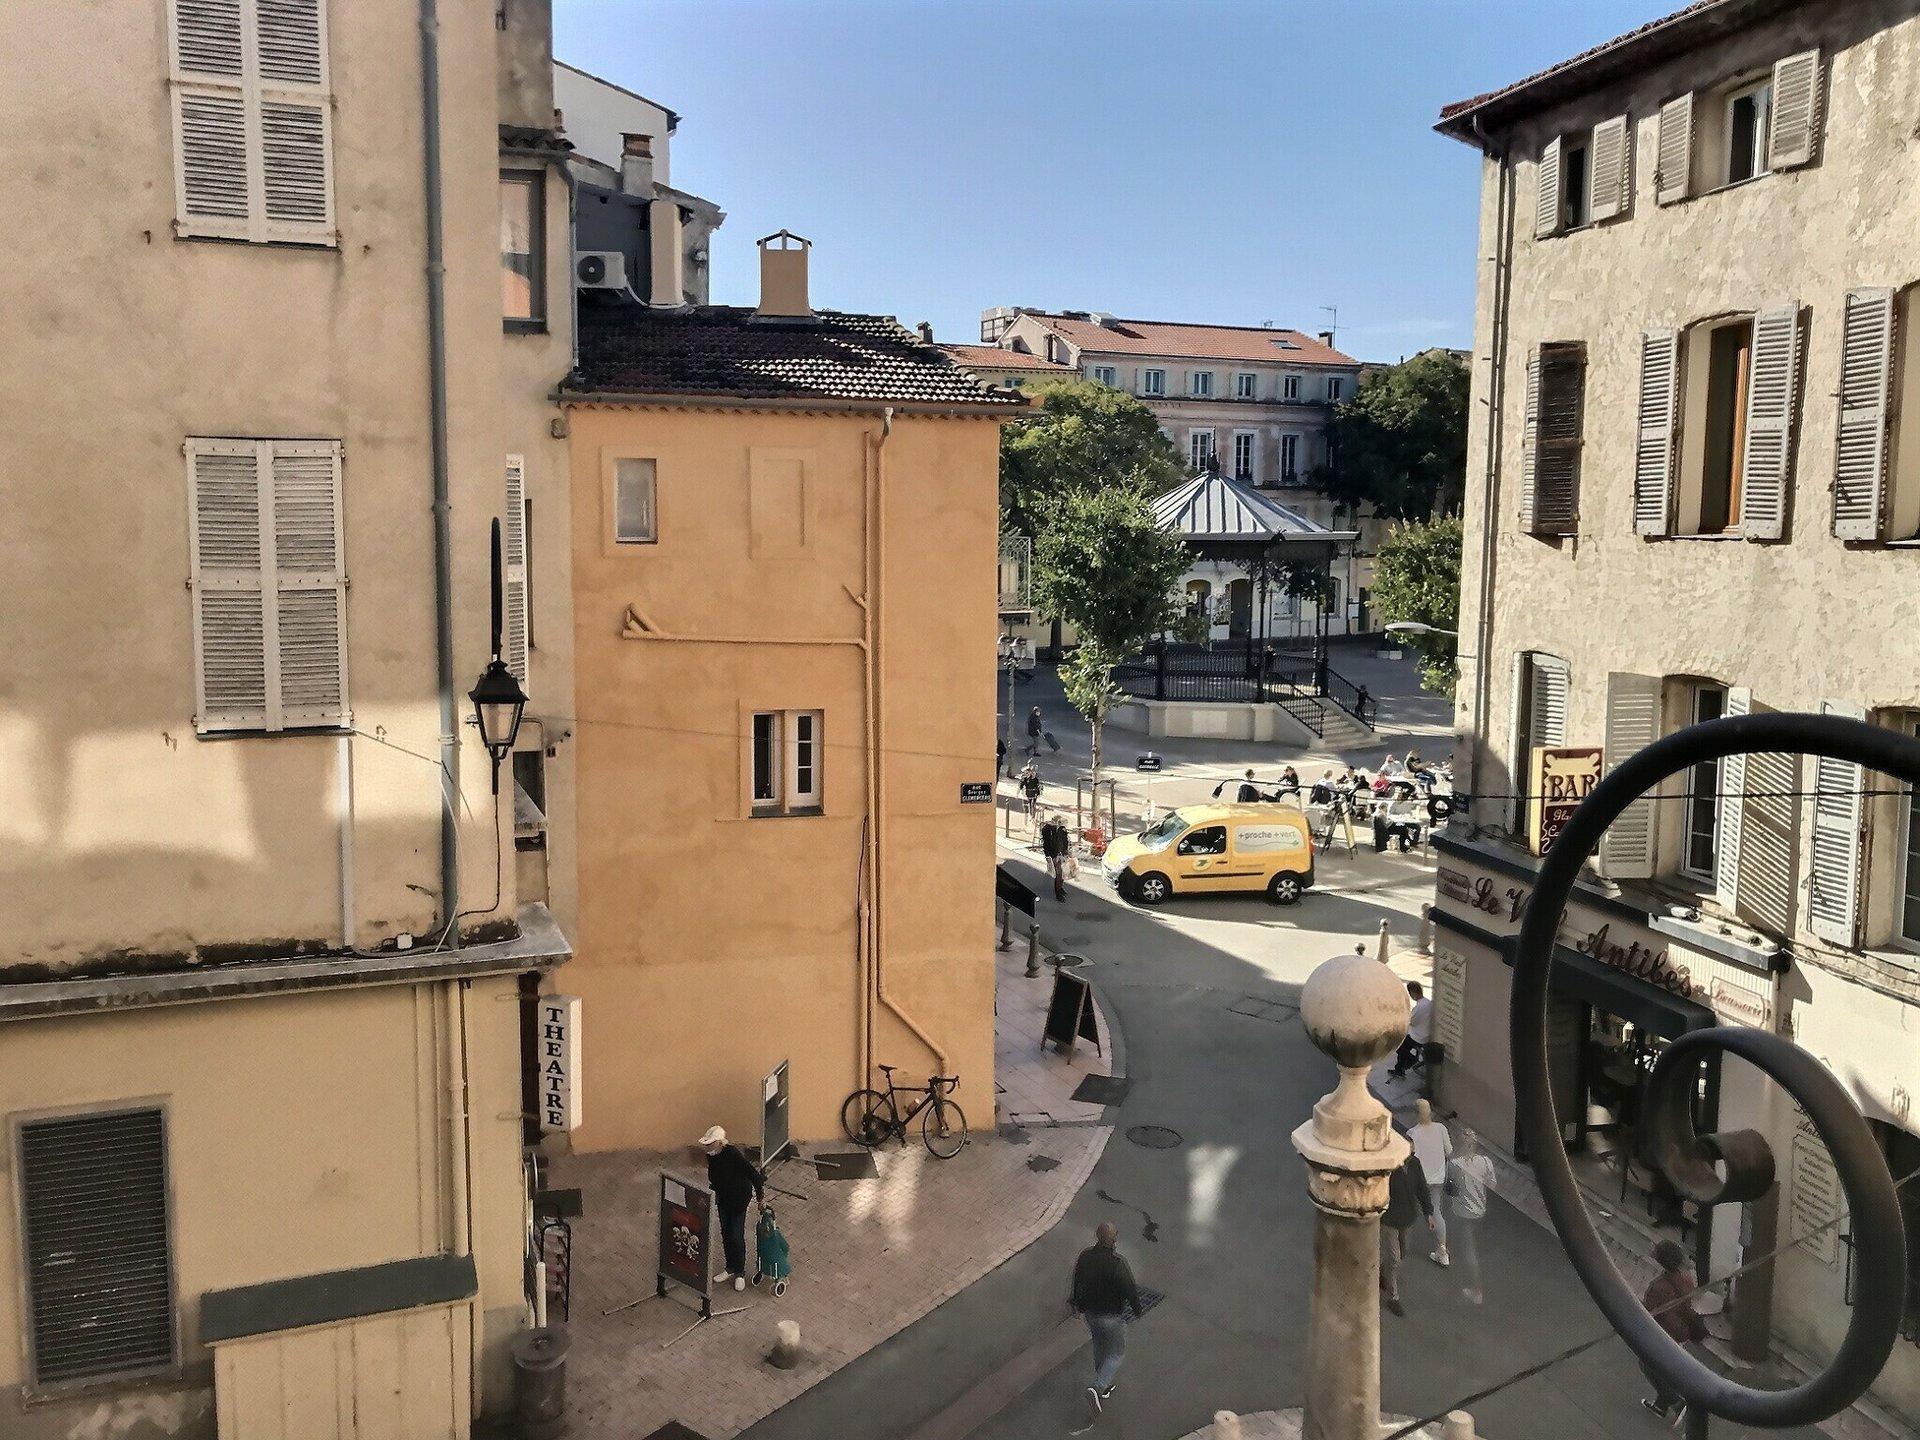 Appartemento bilocale luminoso e  rinnovato bella vista sul centro storico